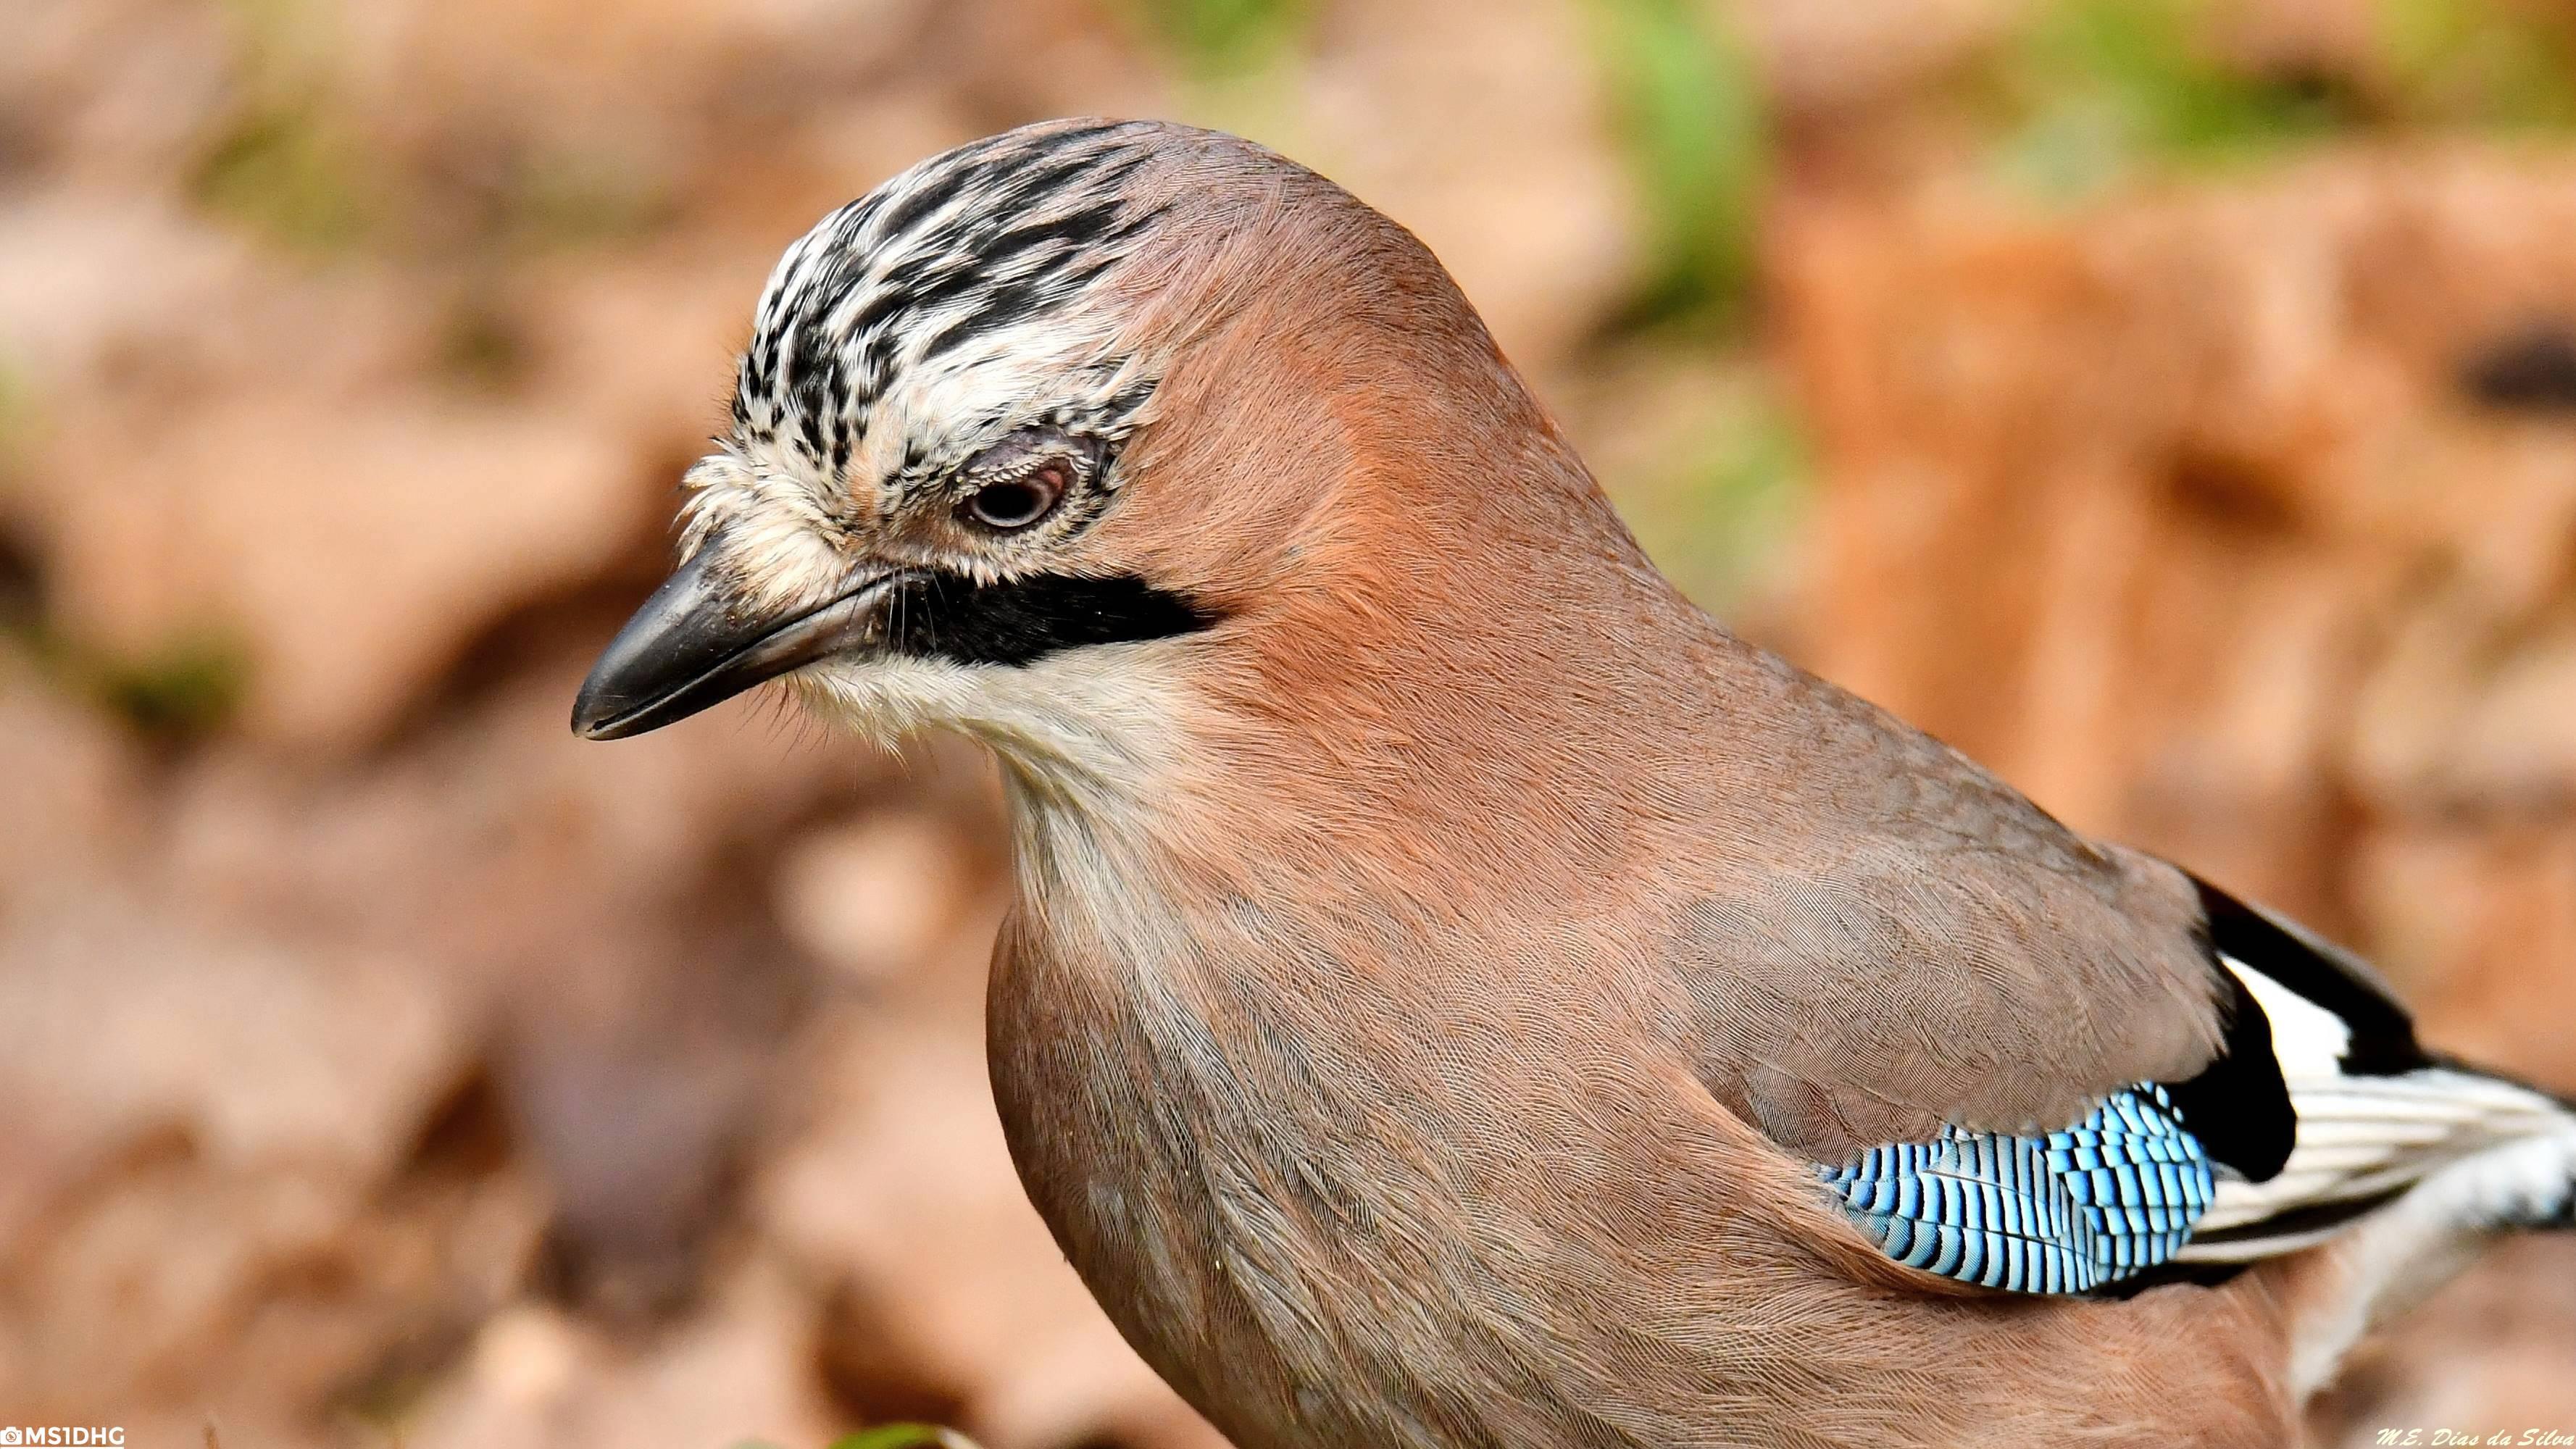 Fórum Aves - Birdwatching em Portugal - Portal Gaio-comum%20(21)